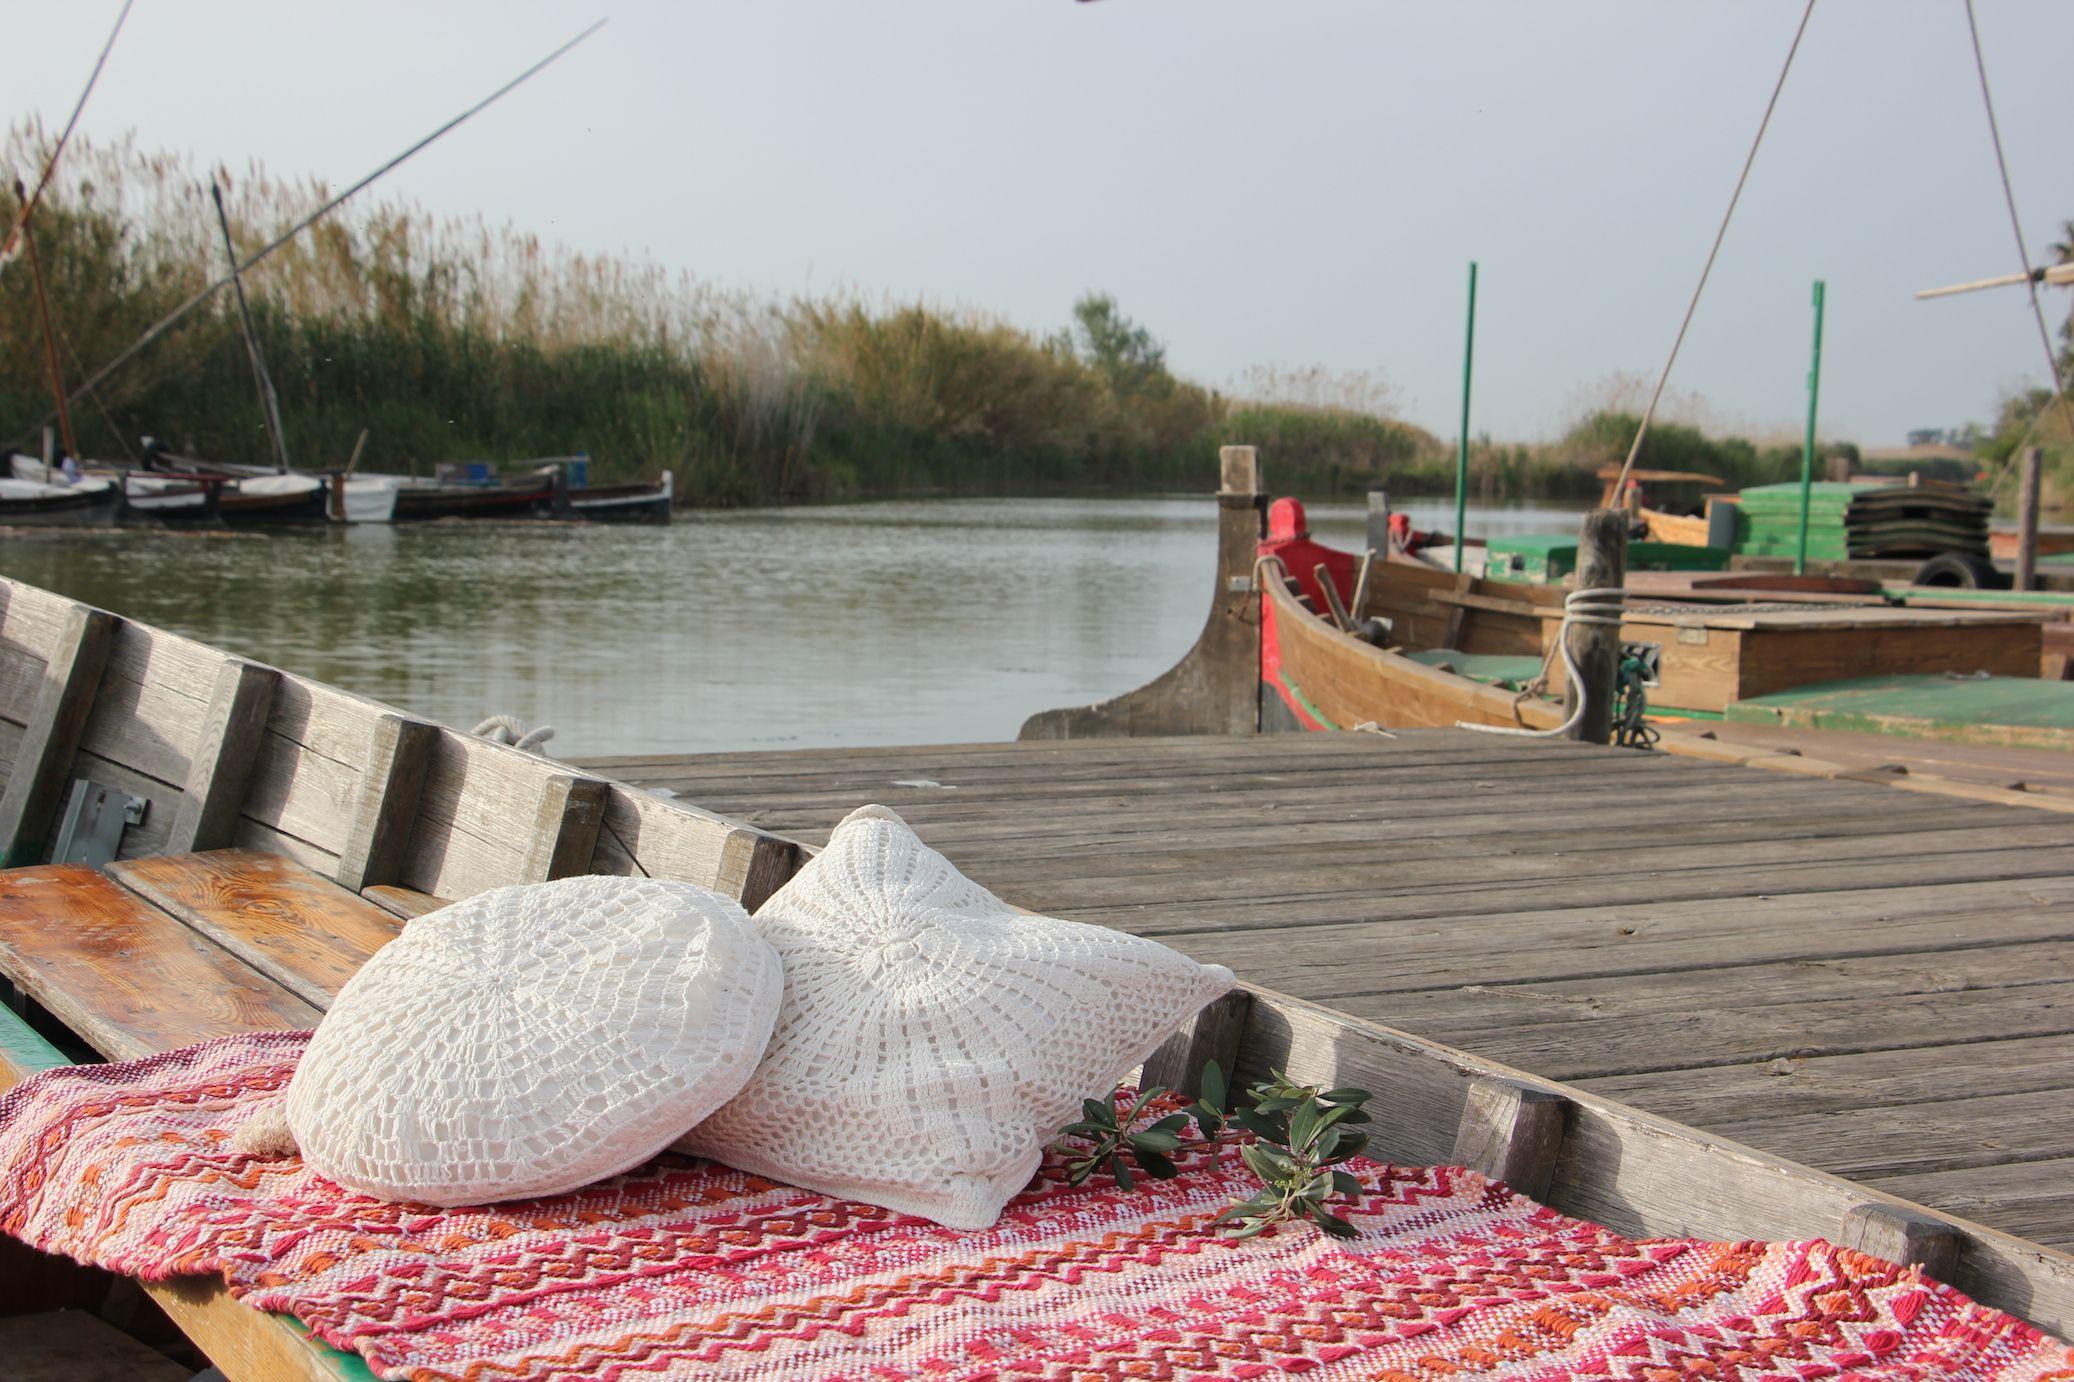 Paseos Románticos En Barca Por La Albufera De Valencia Plan Romántico En Un Lago Con La Barca De Madera Y Decorada Para Ca De Madera Parques Nacionales Madera